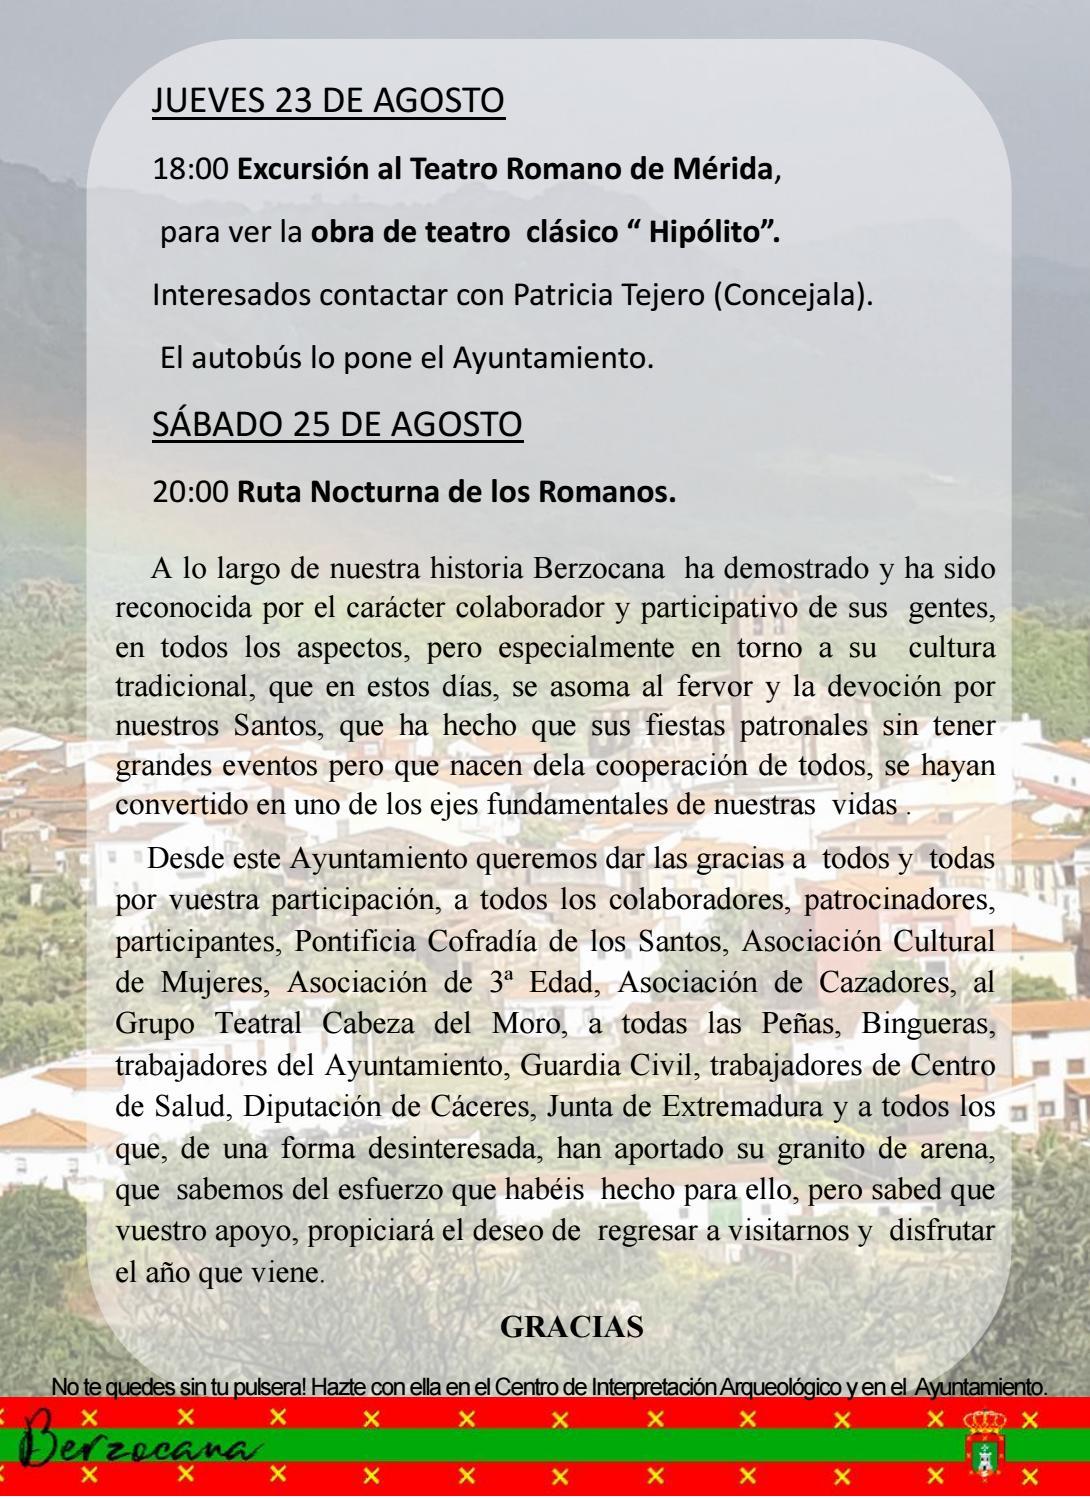 Programa de fiestas en honor a San Fulgencio y Santa Florentina 2018 - Berzocana 9